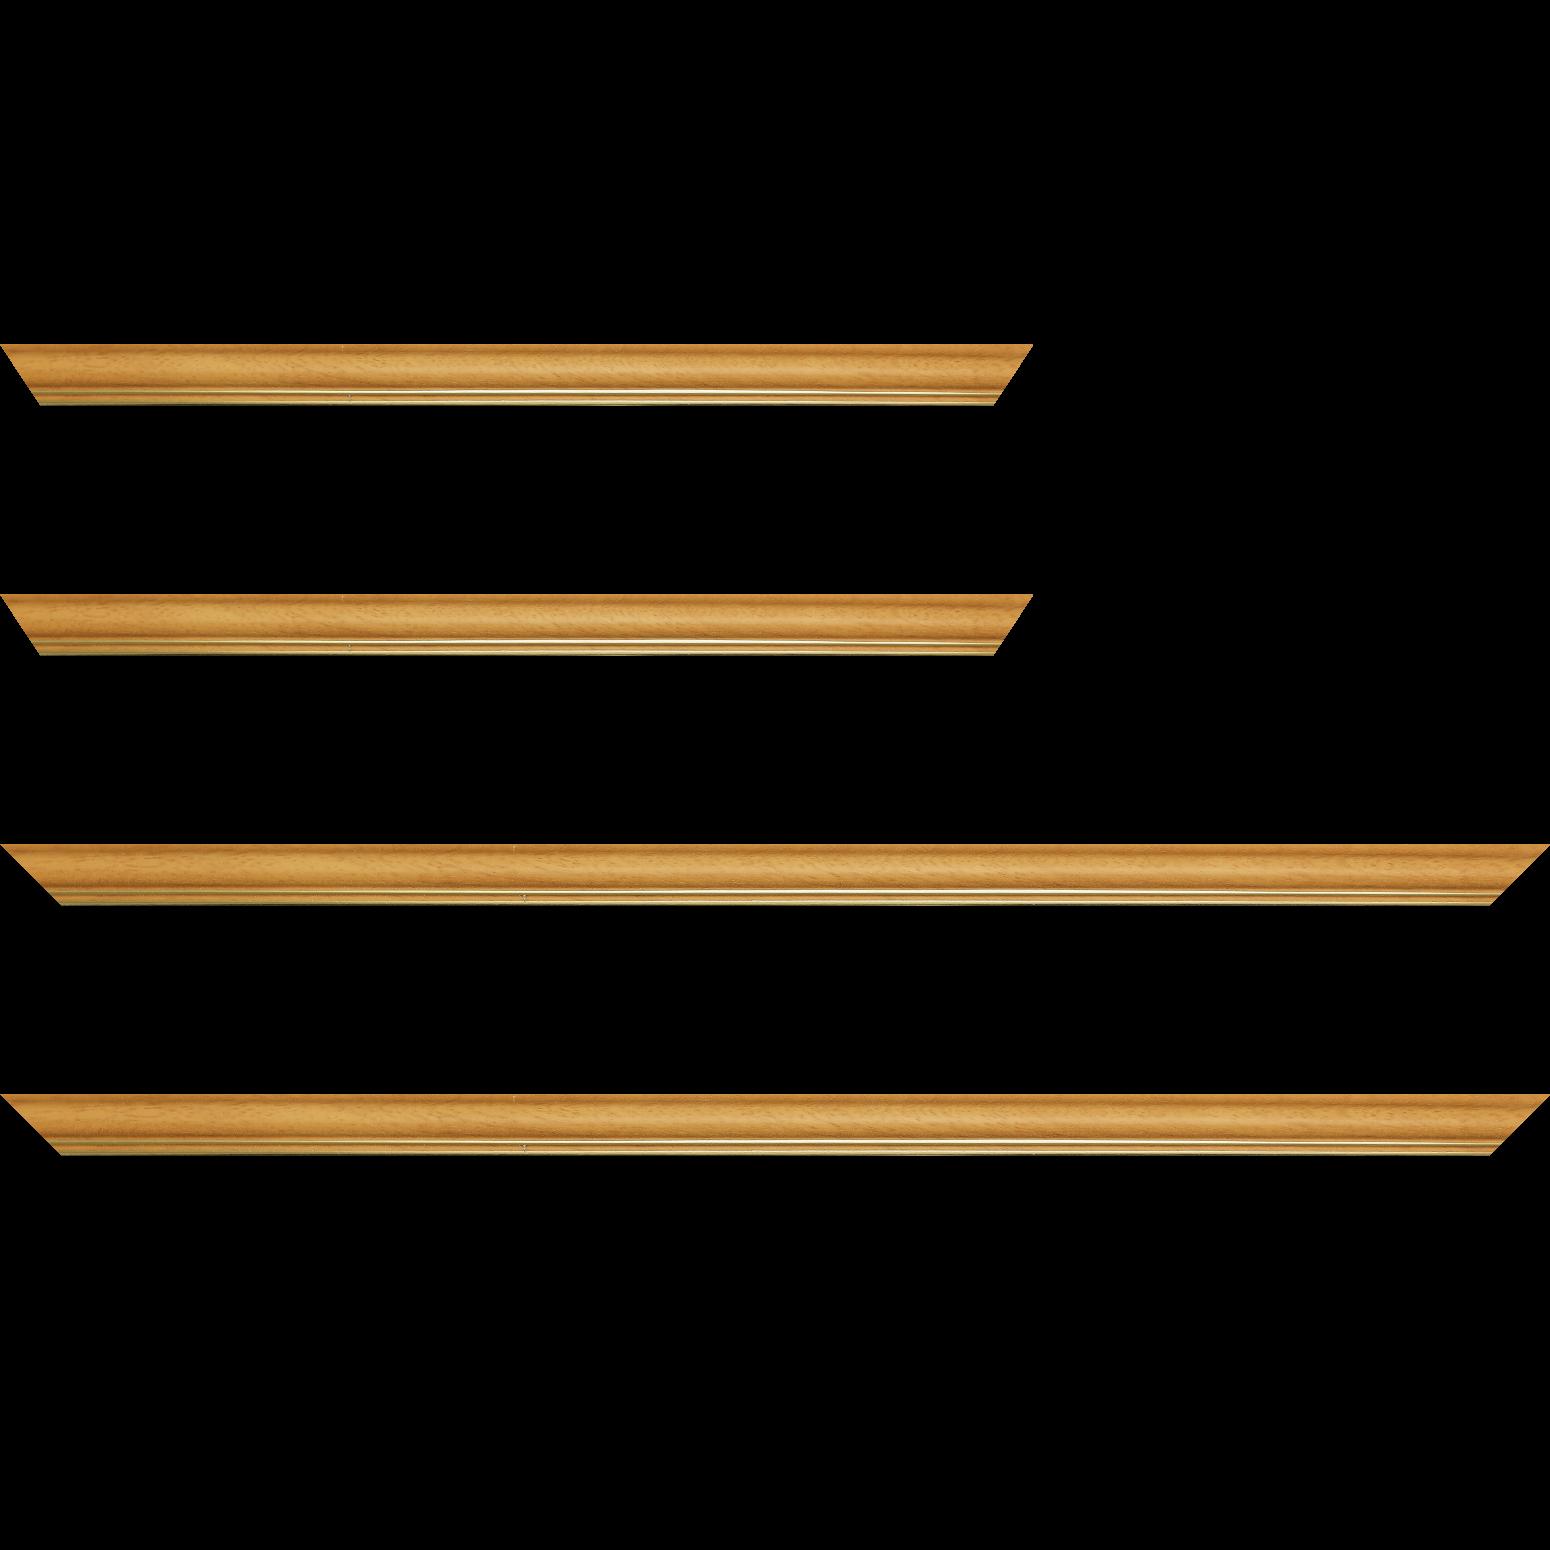 Baguette service précoupé Bois profil doucine inversée largeur 2.3cm jaune tournesol satiné double filet or